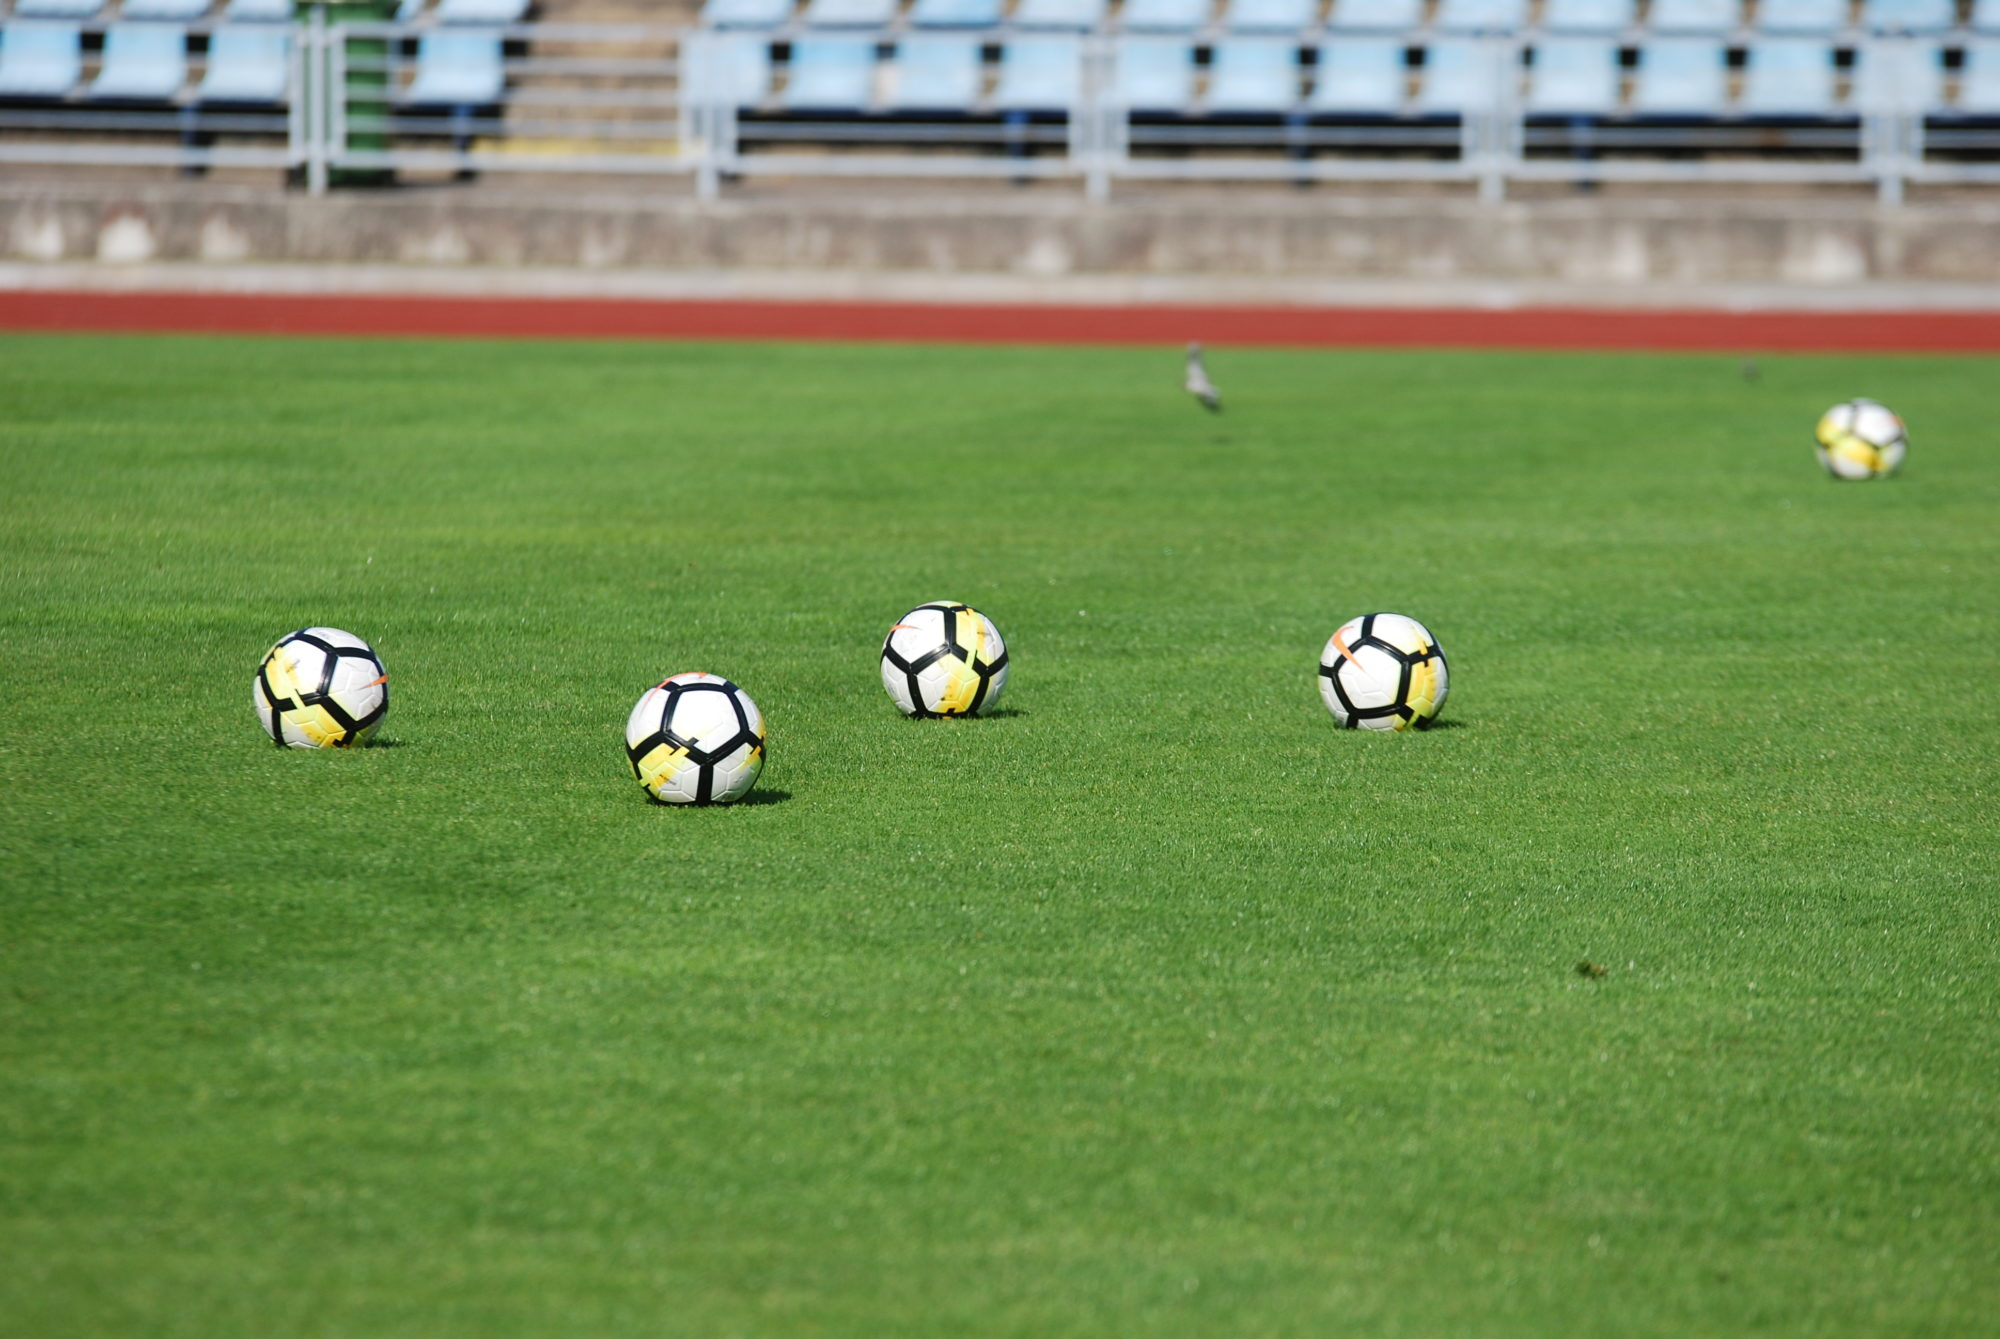 Sporta skolas uztraucas par gaidāmajām izmaiņām